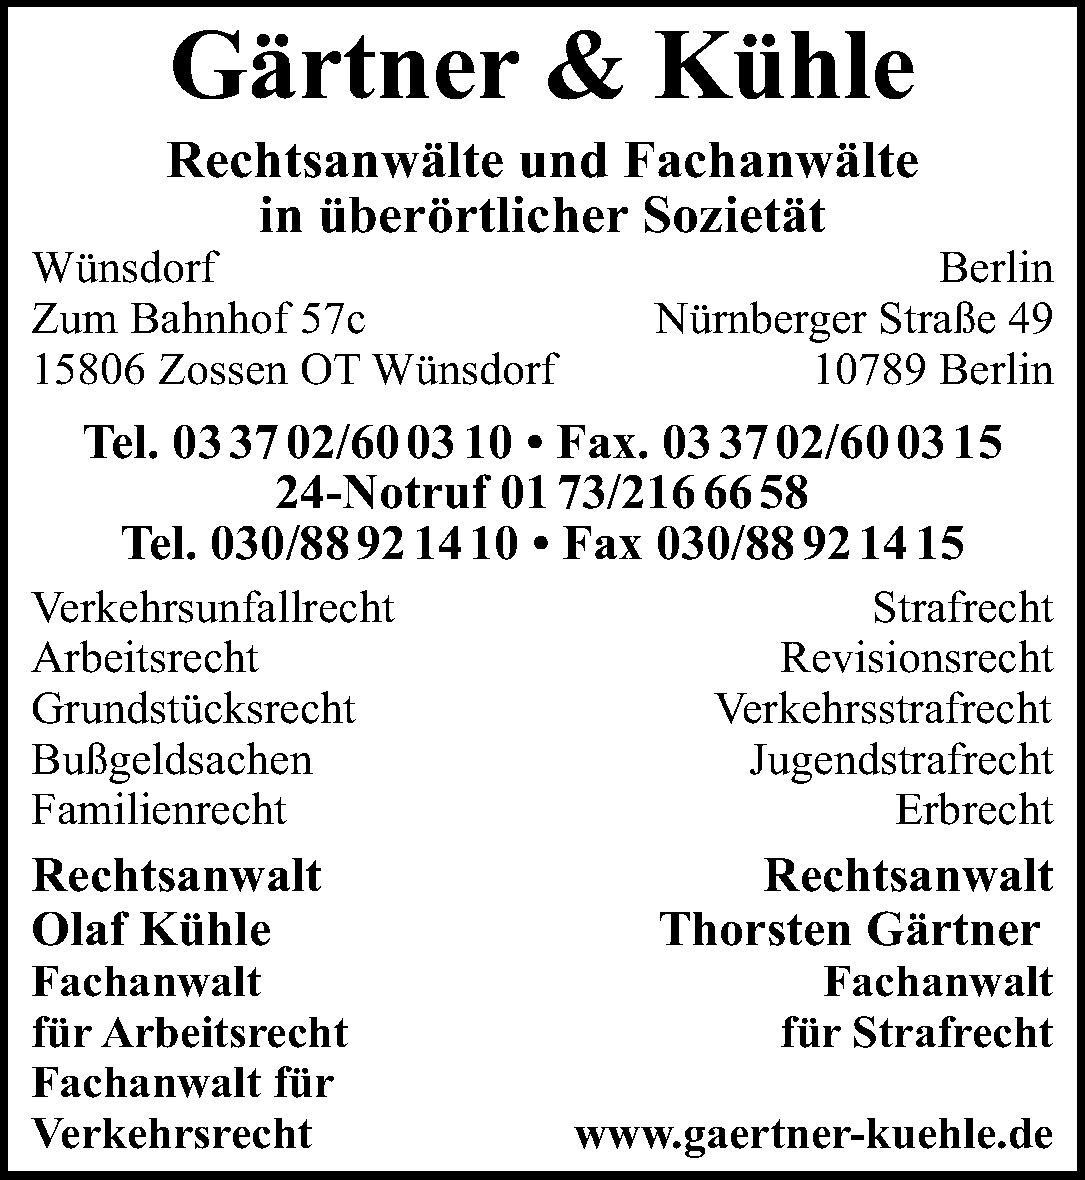 Gärtner & Kühle